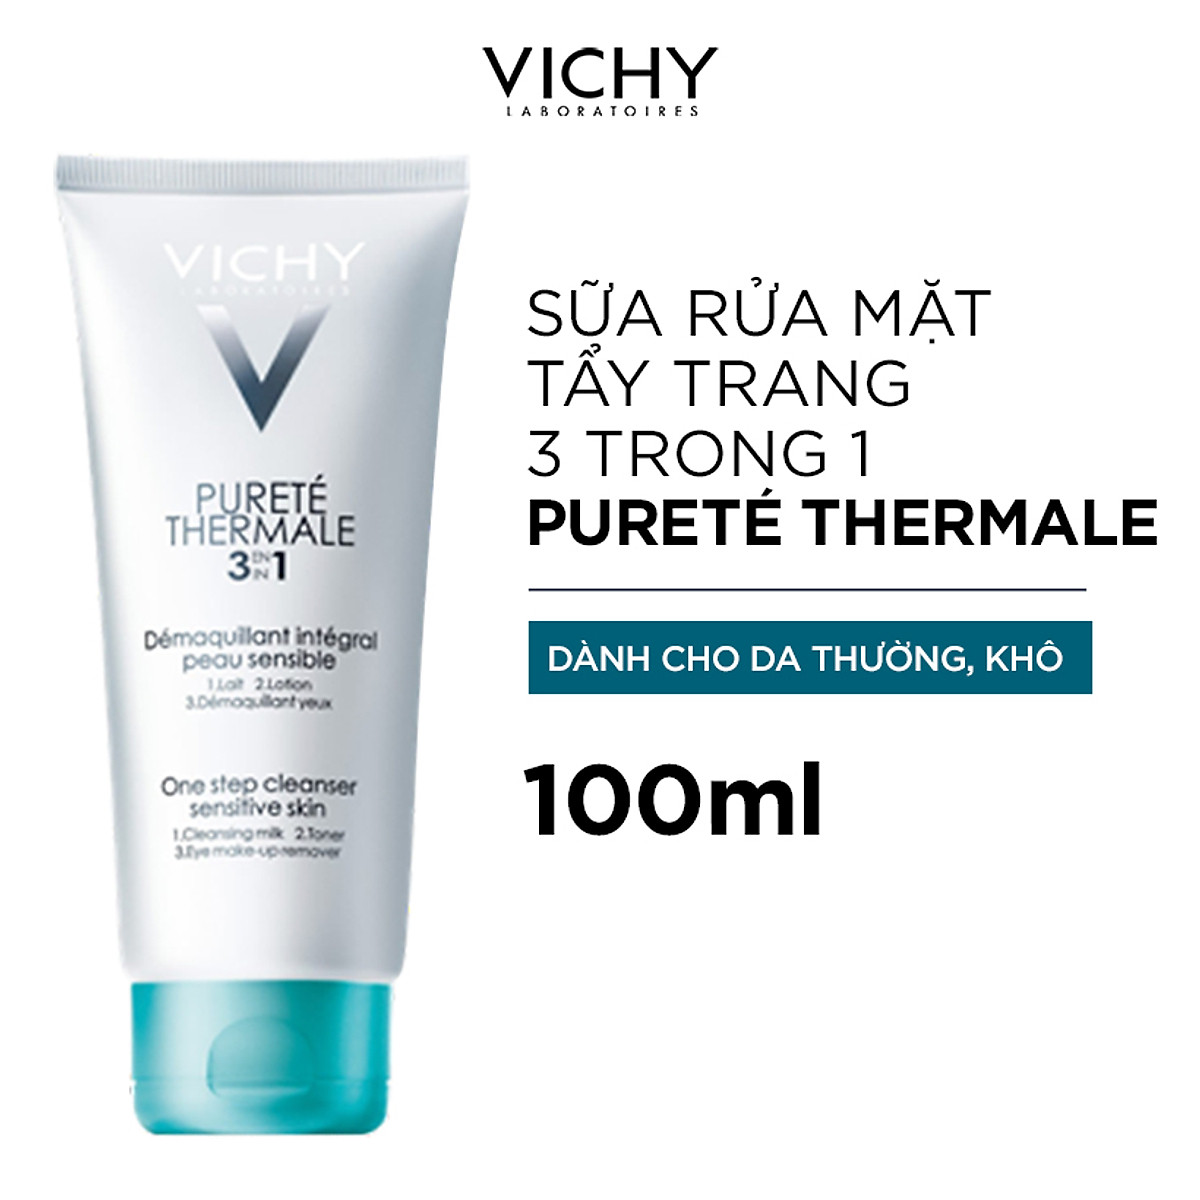 Sữa Rửa Mặt Tẩy Trang 3 Tác Dụng VICHY Purete Thermale One Step Cleanser (3 In 1) 100ml - TẶNG MÓC KHÓA